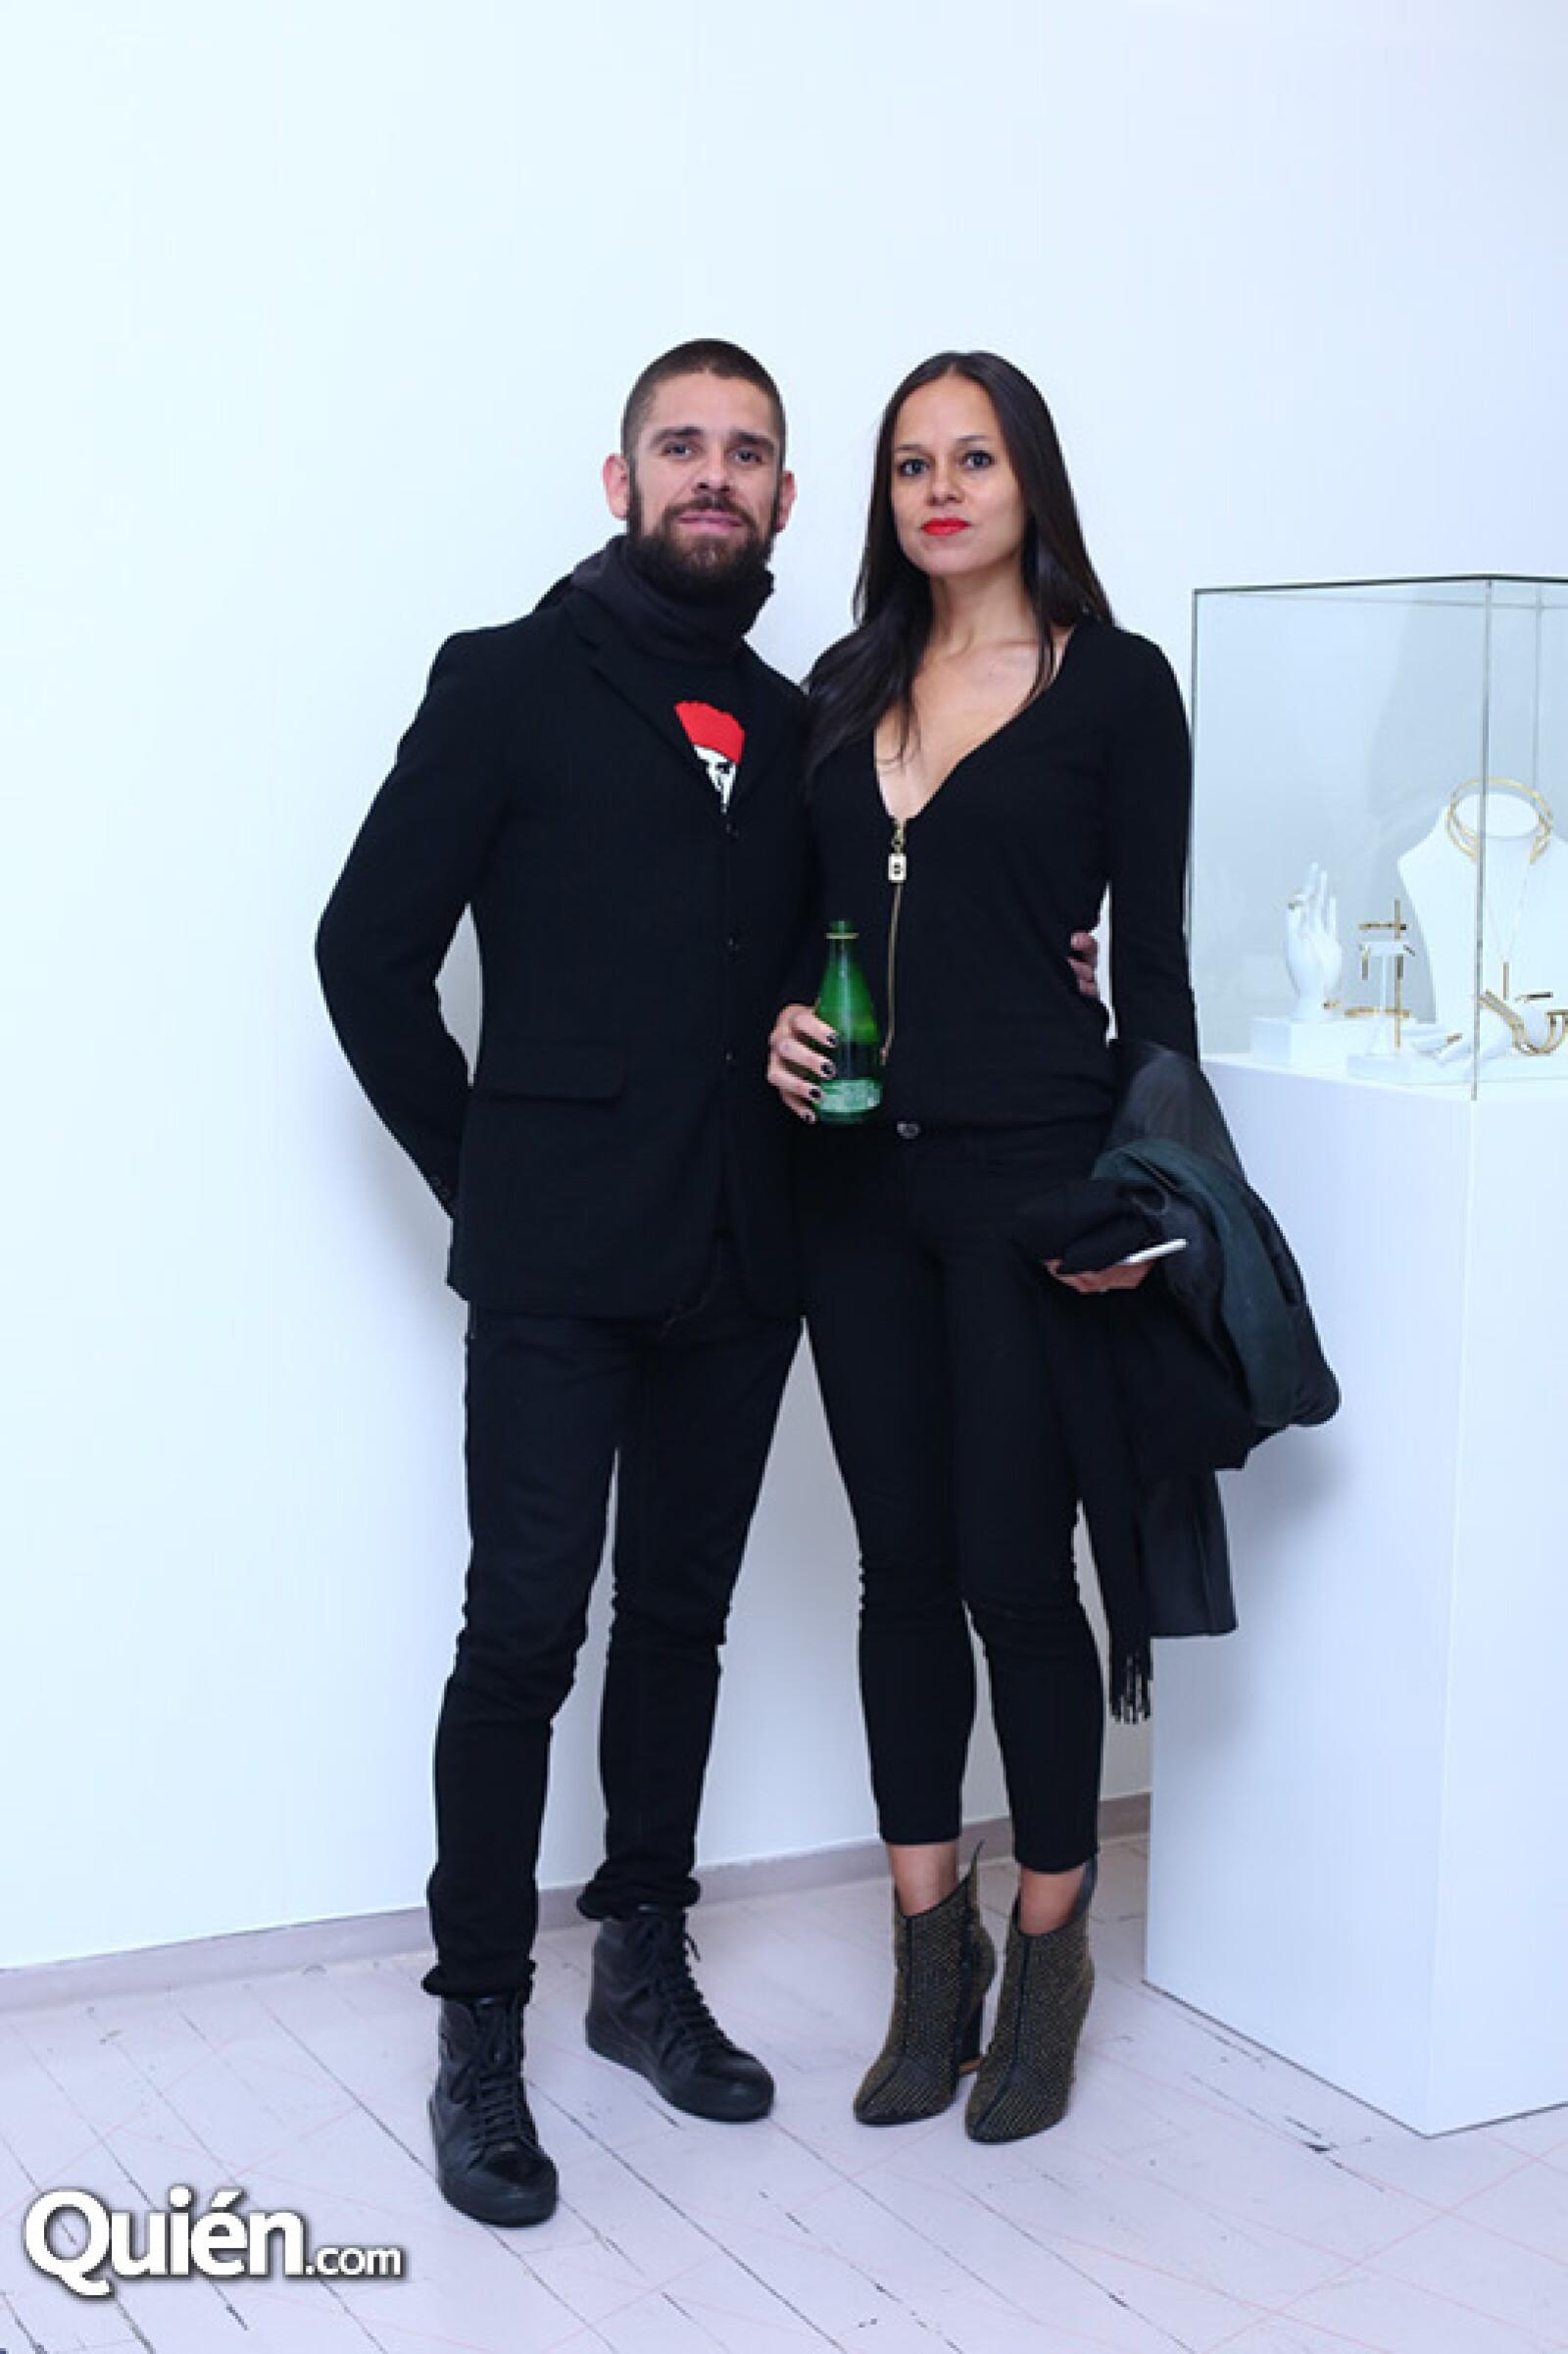 Christopher Kohen y Andrea Soria Sotelo